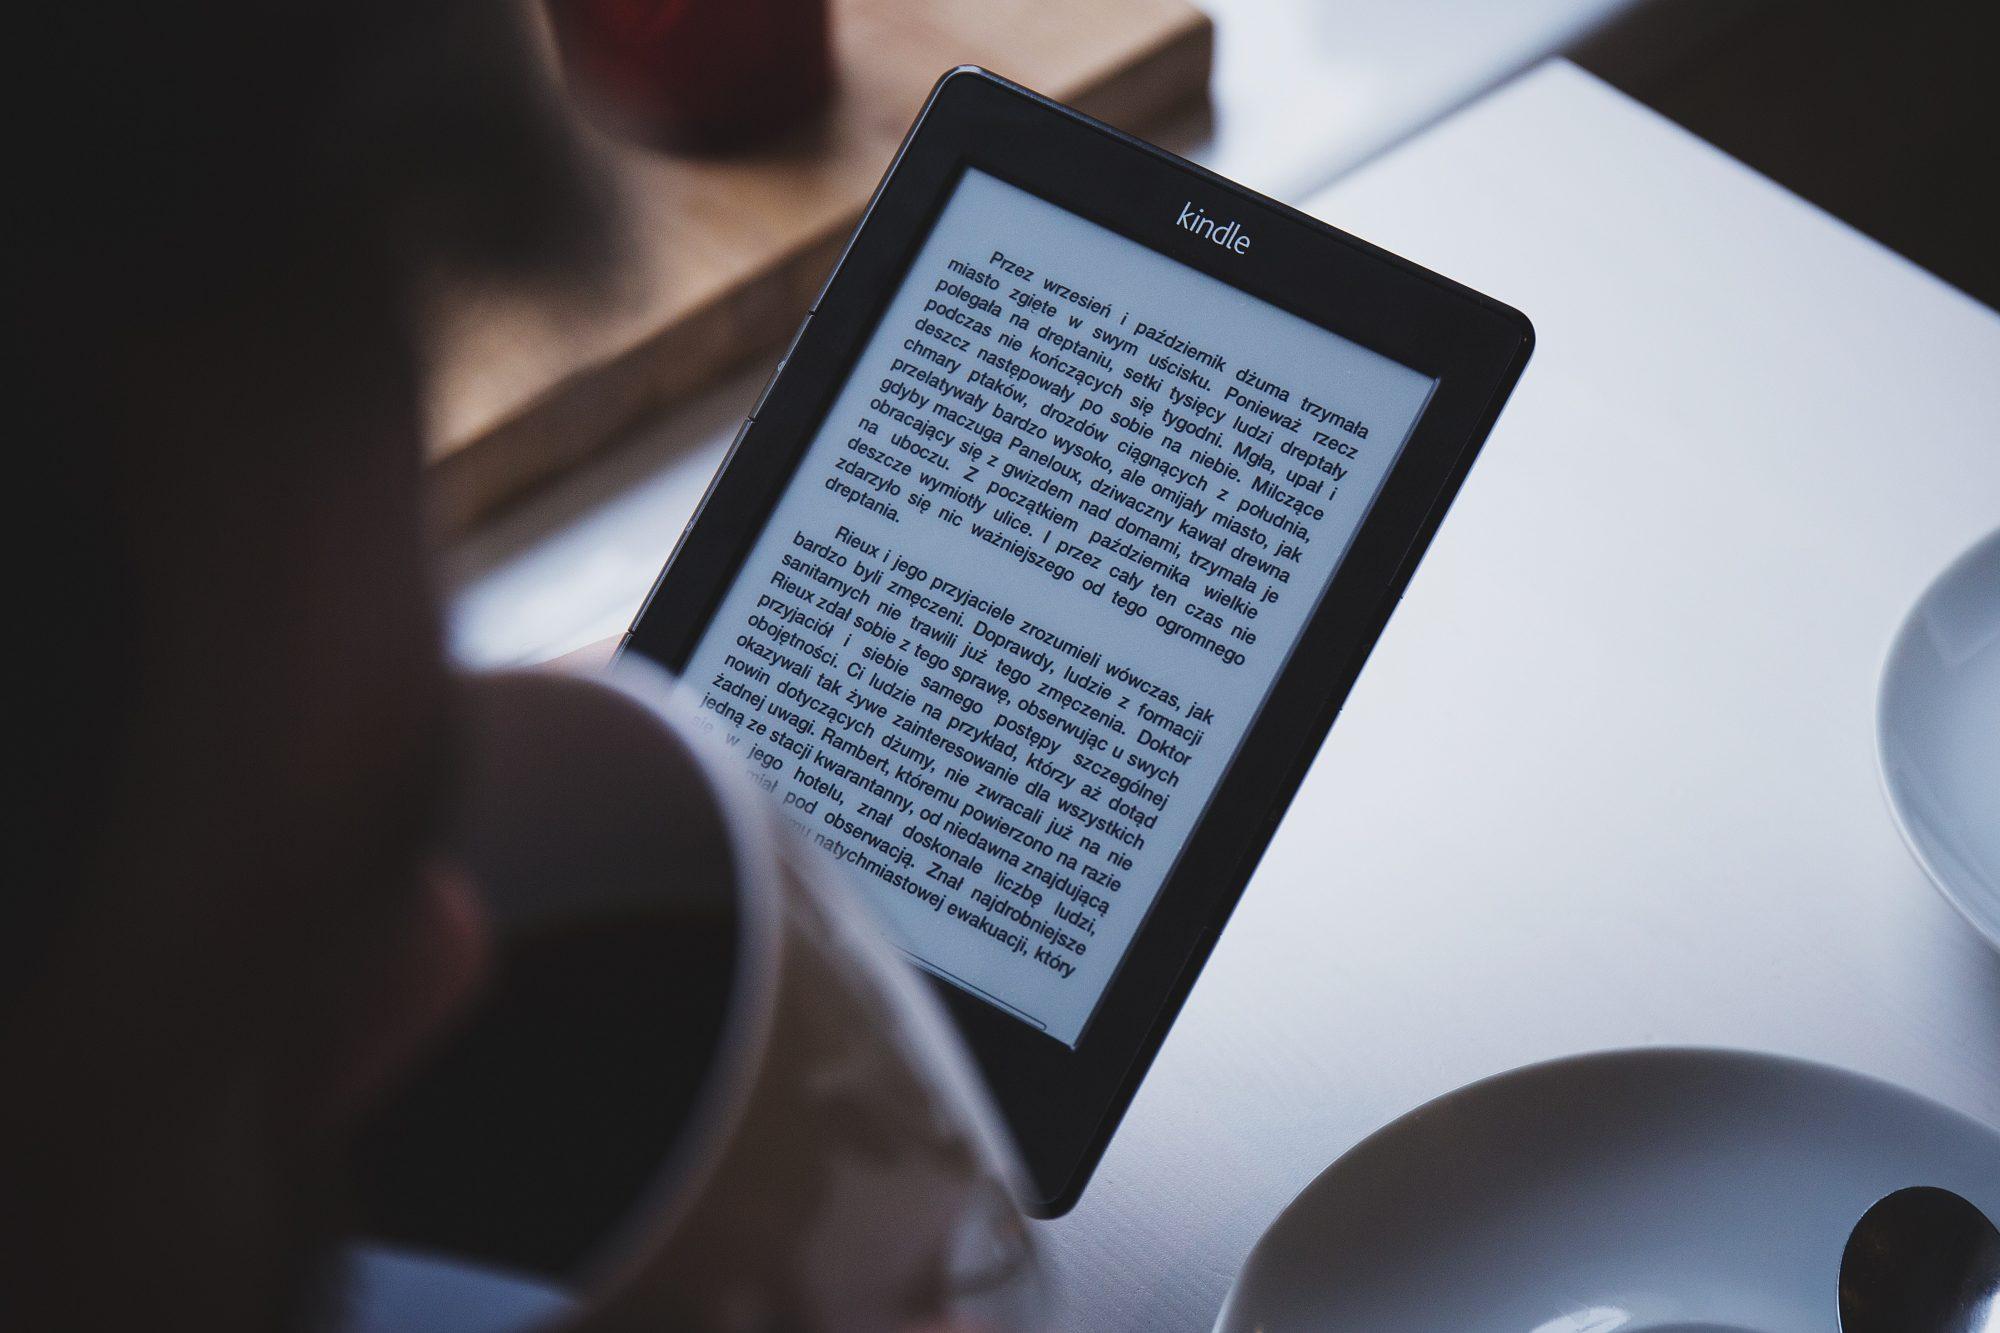 Lesen mit kindle